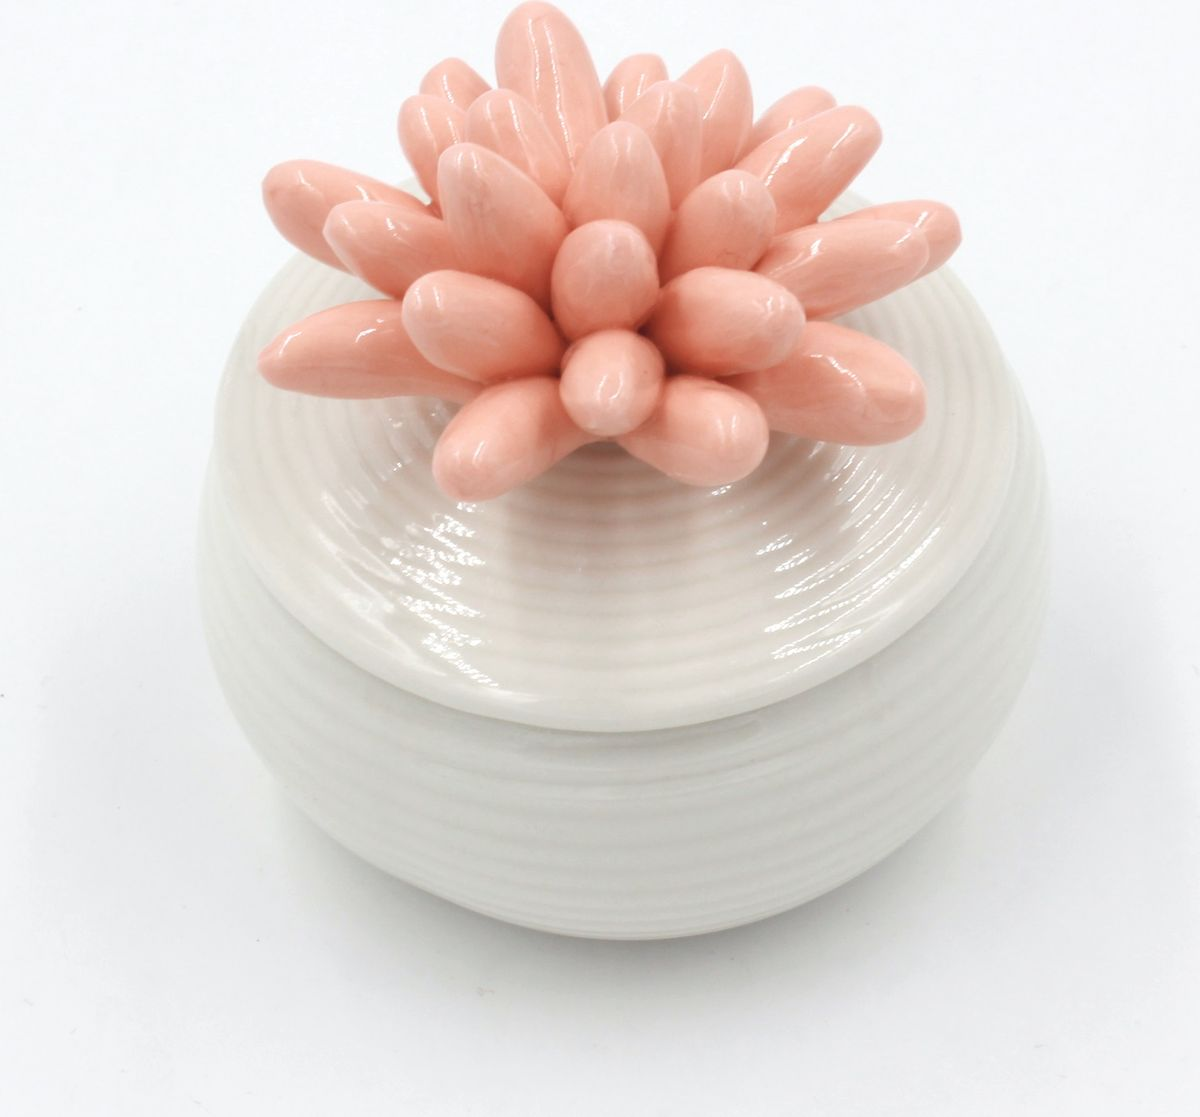 Шкатулка Magic Home, фарфоровая, цвет: белый, розовый. 7680676814Шкатулка декоративная от Magic Home, выполненная из фарфора, - это отличный вариантподарка для ваших близких и друзей. Она станет прекрасным дополнением любого интерьера.